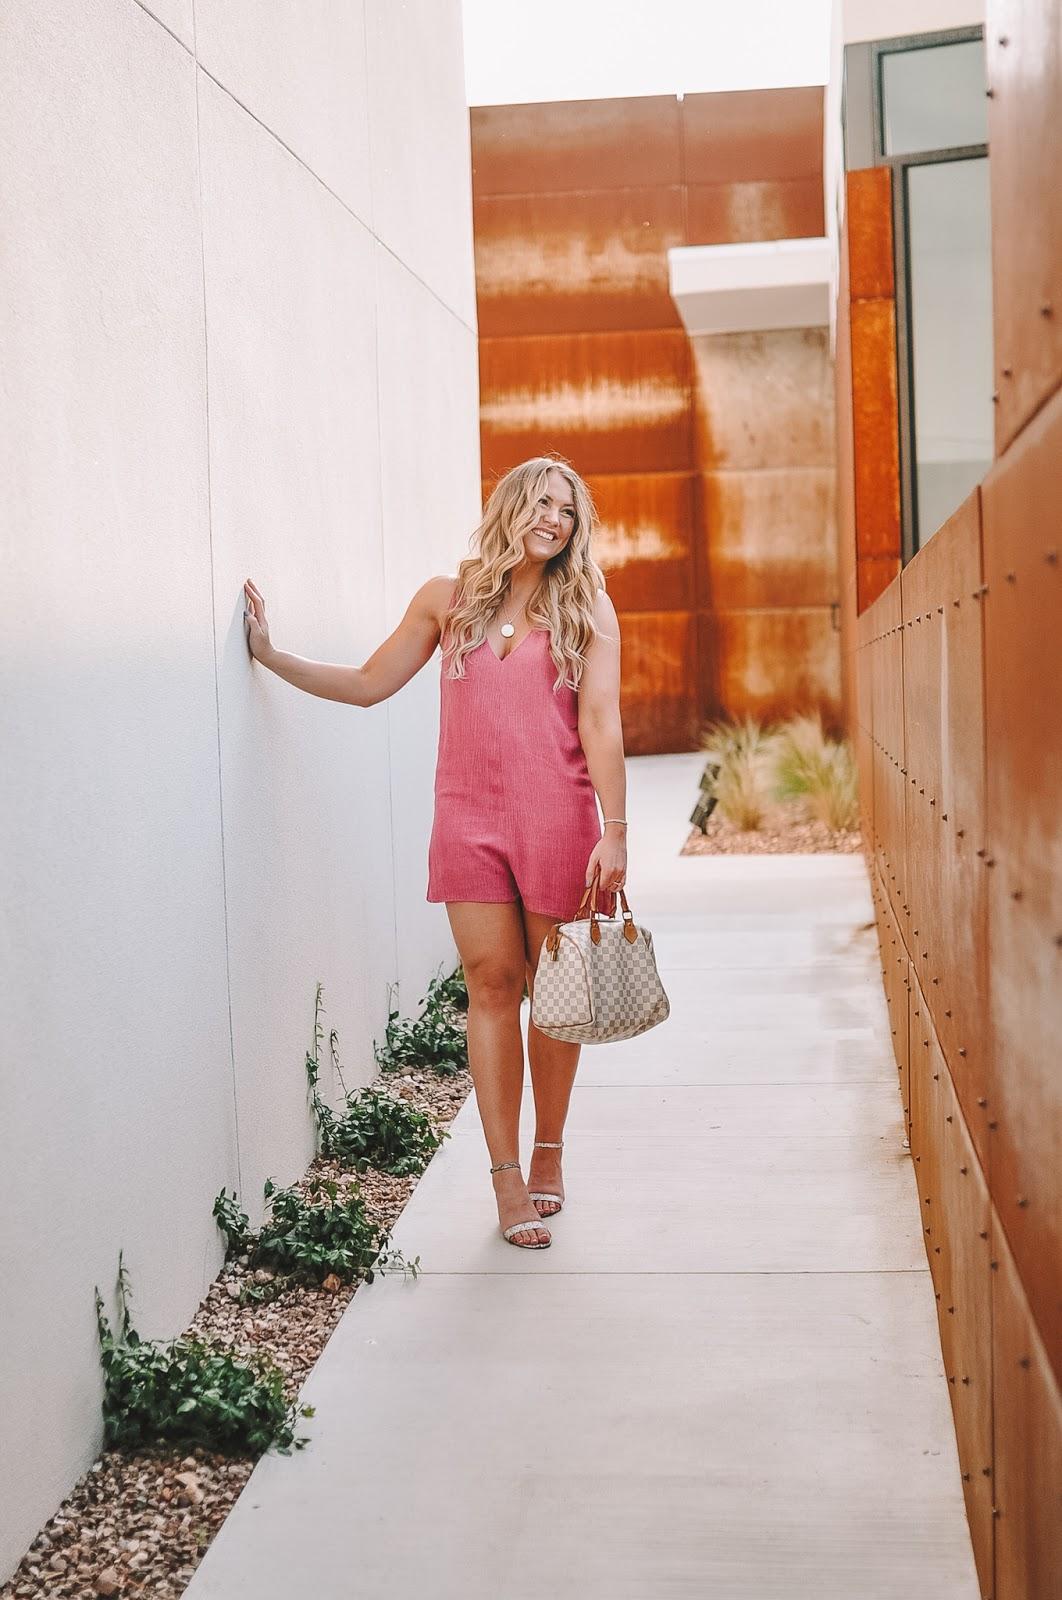 OKC Blogger Amanda's OK shares a life update